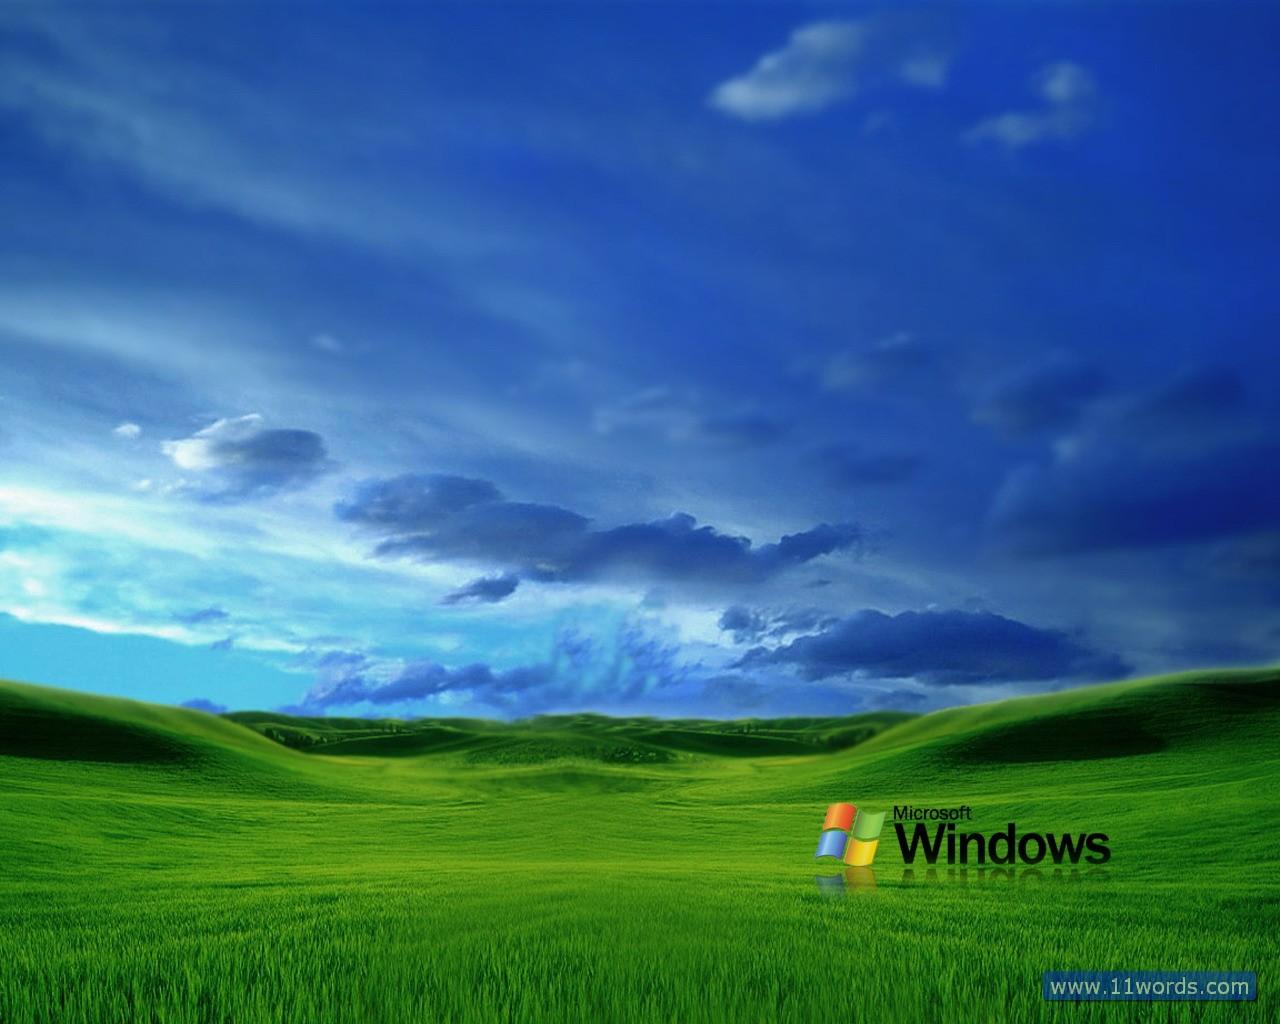 http://2.bp.blogspot.com/-GBlOPwwgzYQ/TaqZJSEzgiI/AAAAAAAAAF8/nQIwn3PdxV4/s1600/Windows_Longhorn_Bliss_Wallpaper.jpg